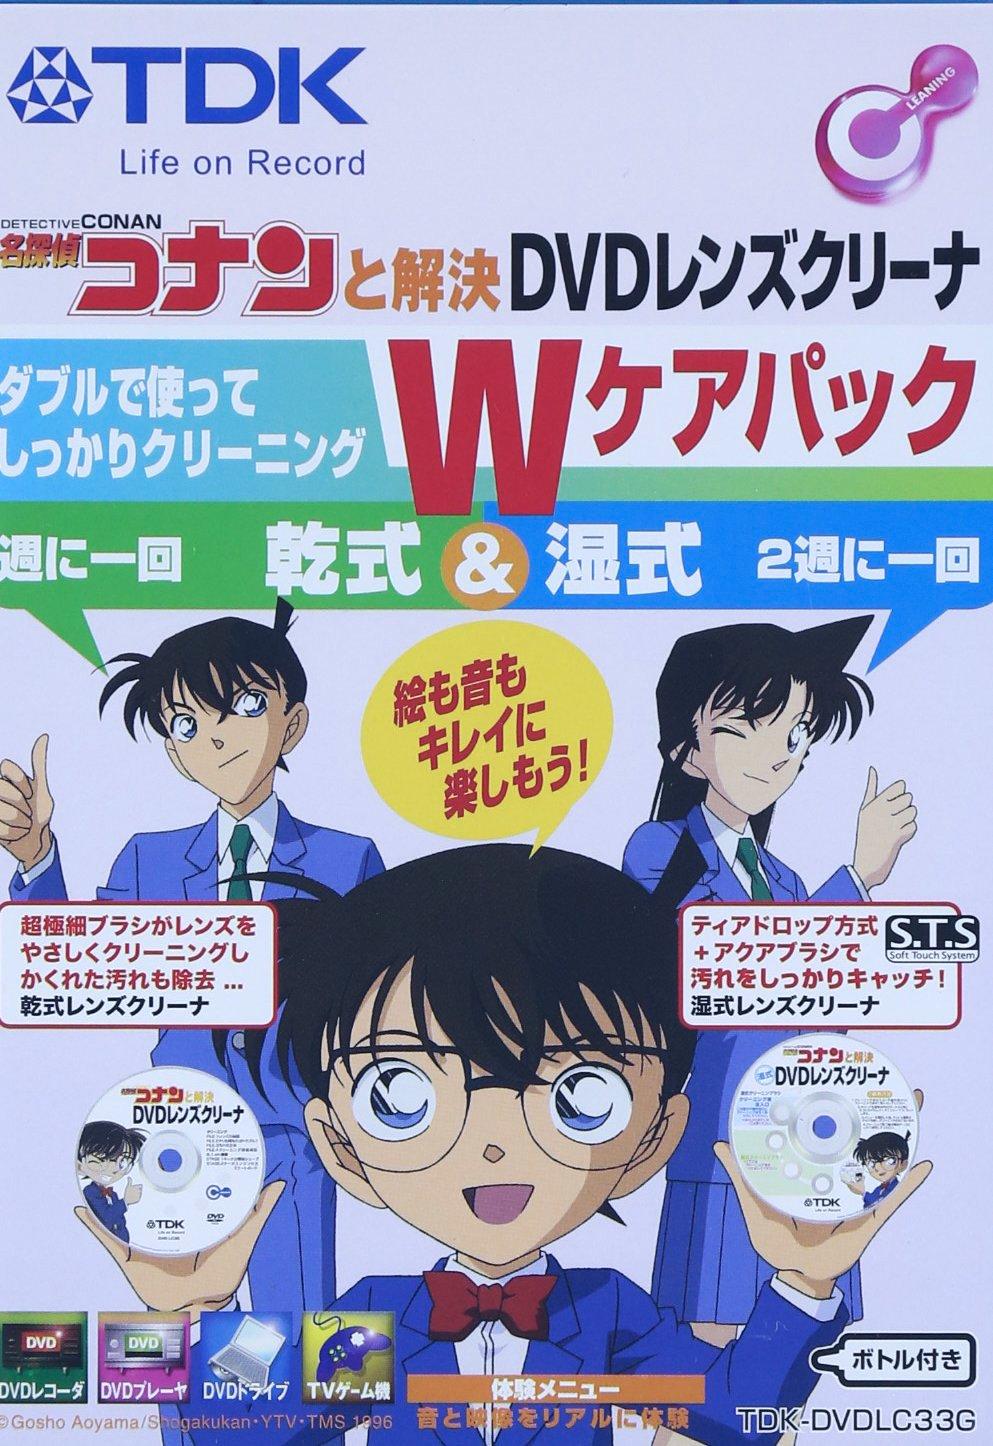 TDK DVD Lens Cleaner TDK-DVDLC33G (japan import)